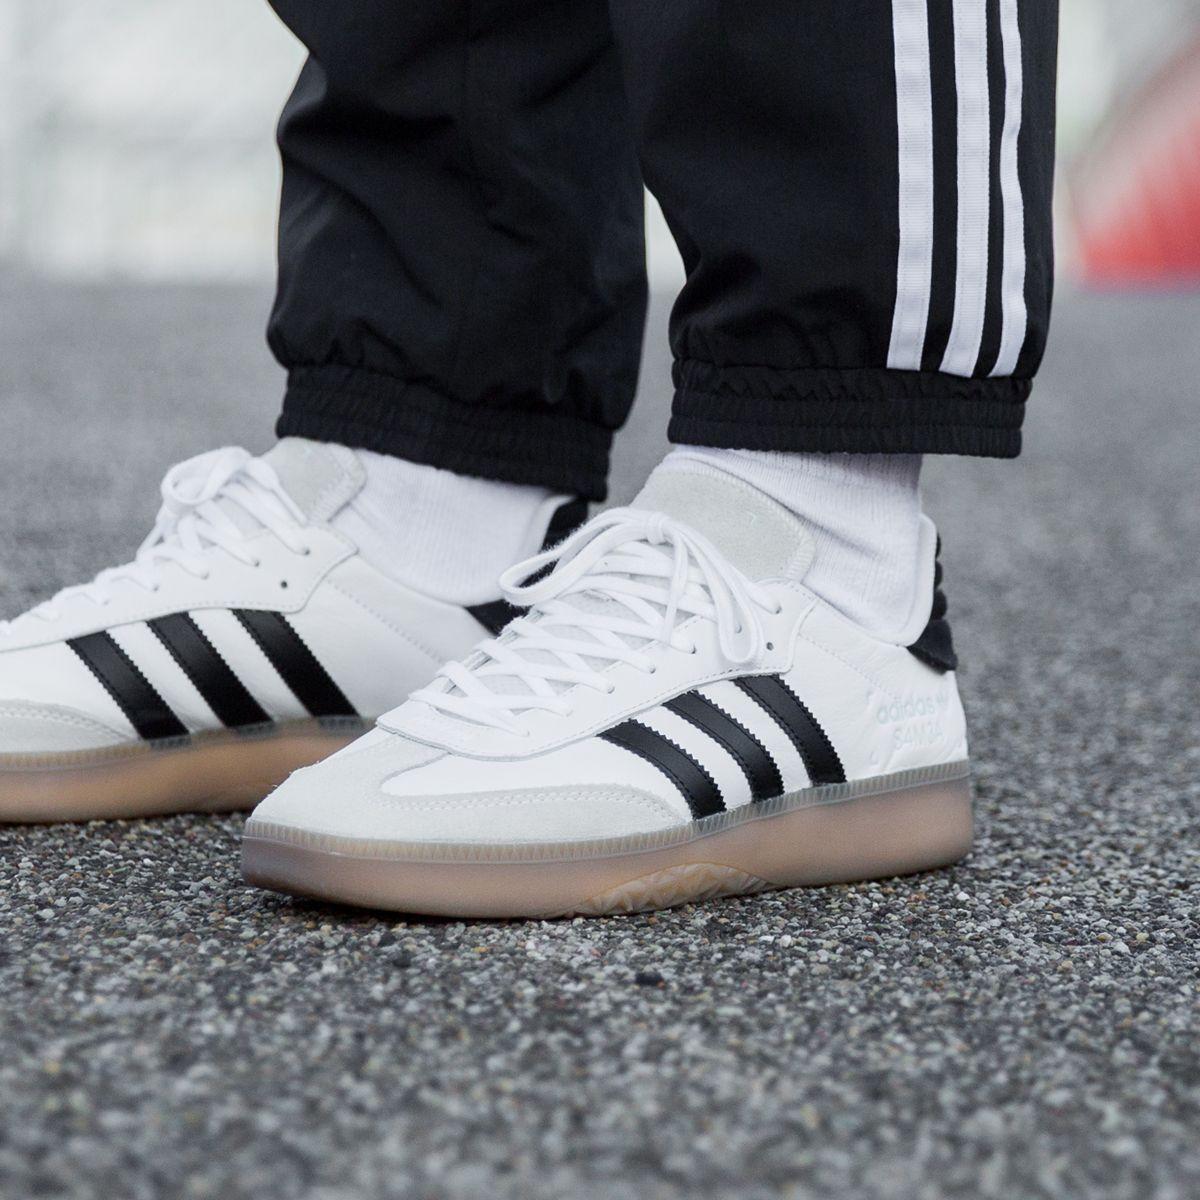 soon 🔥 Adidas Samba RM